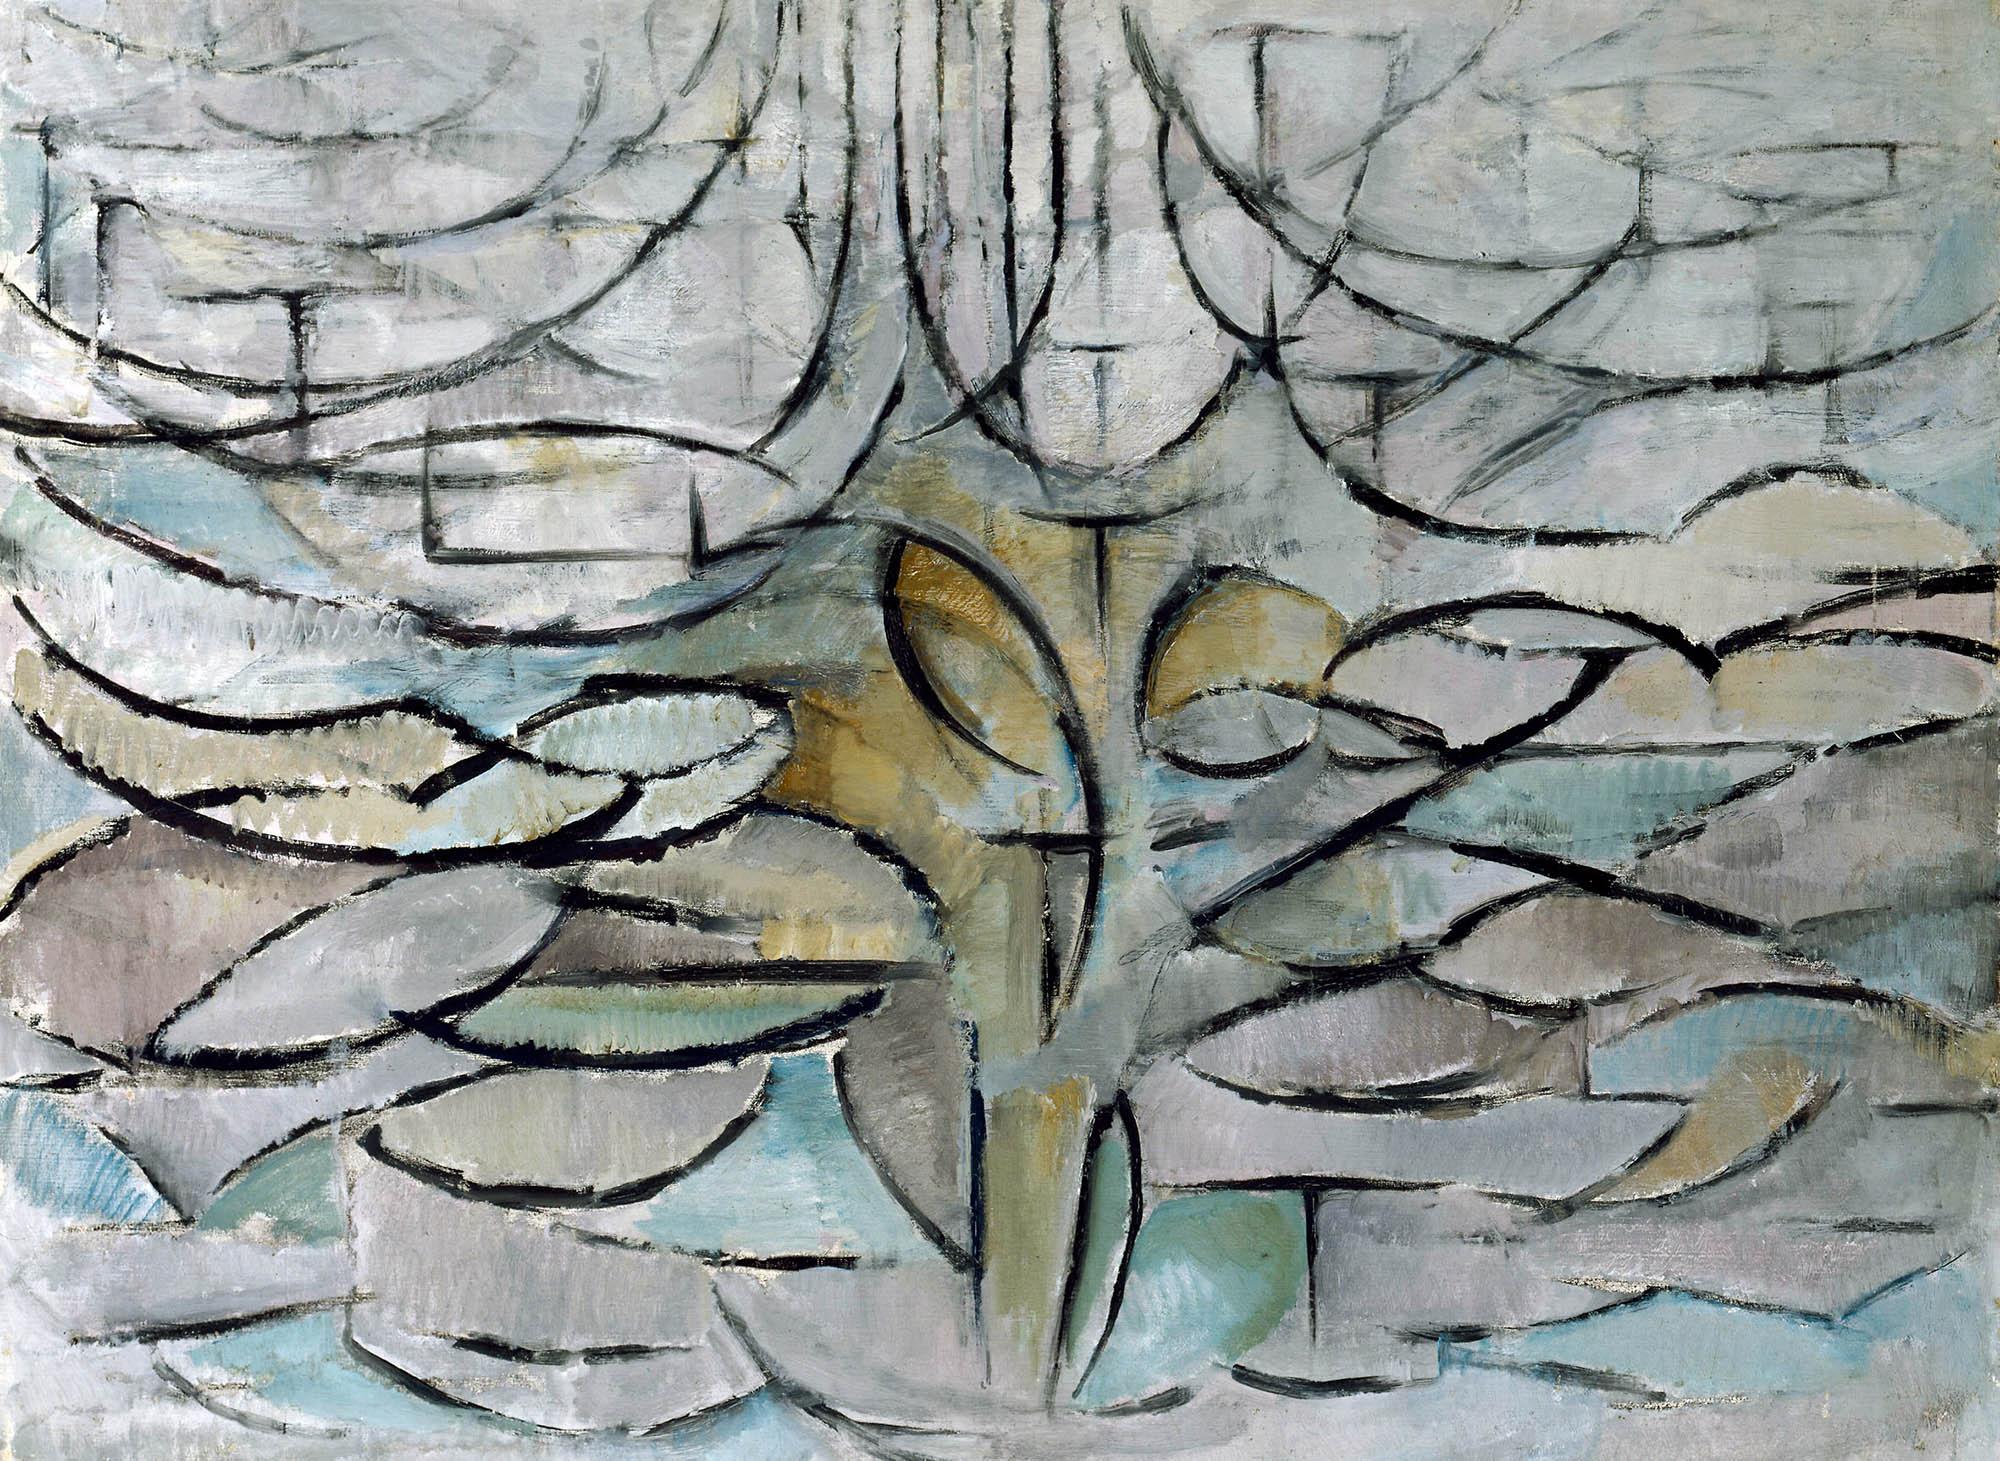 Melo in fiore di Mondrian